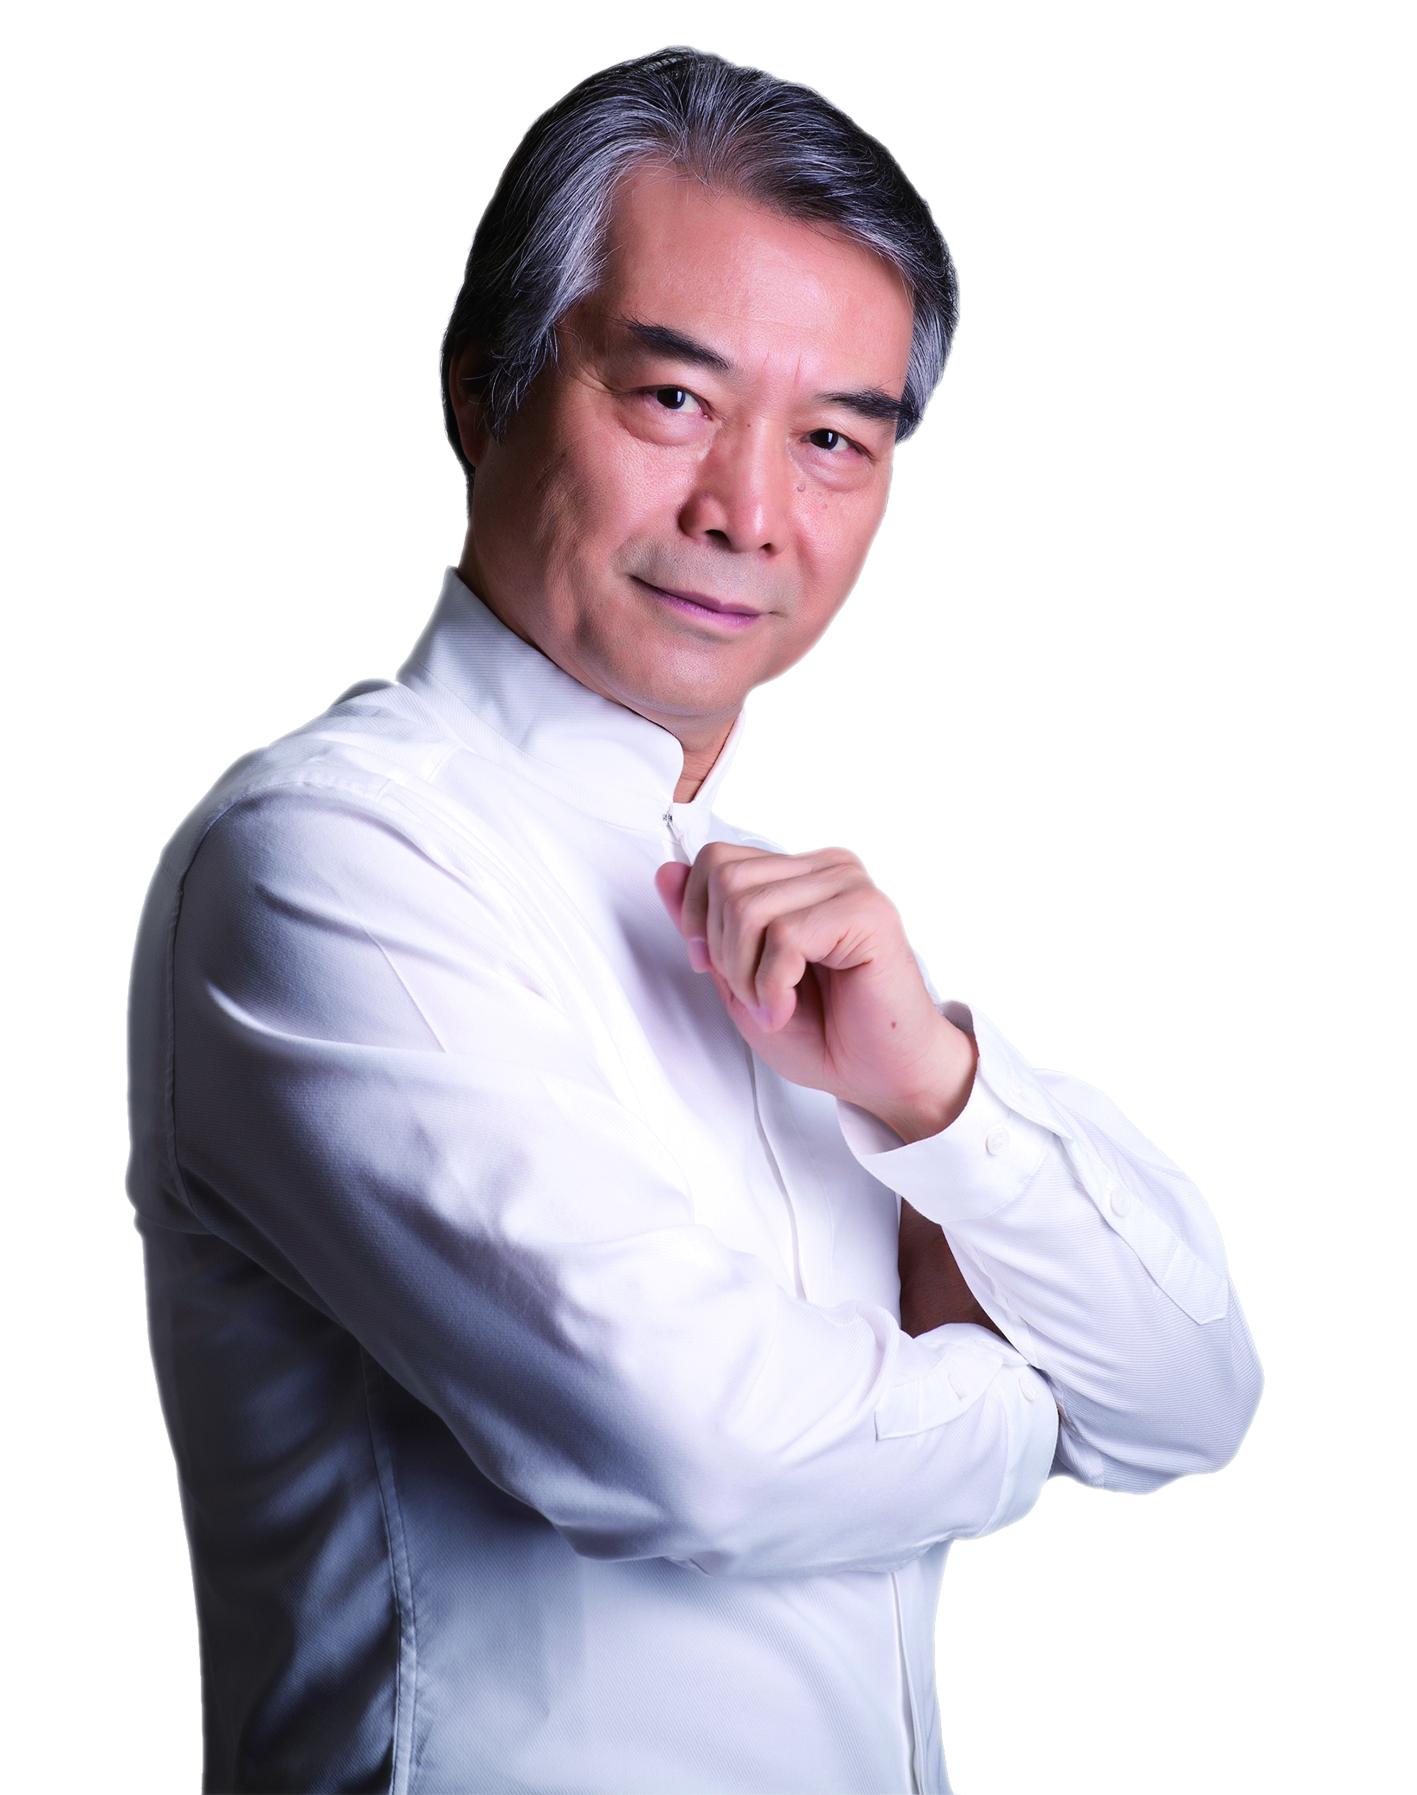 臺灣國樂團前音樂總監閻惠昌卸任之後,再度與臺灣國樂團合作。.jpg